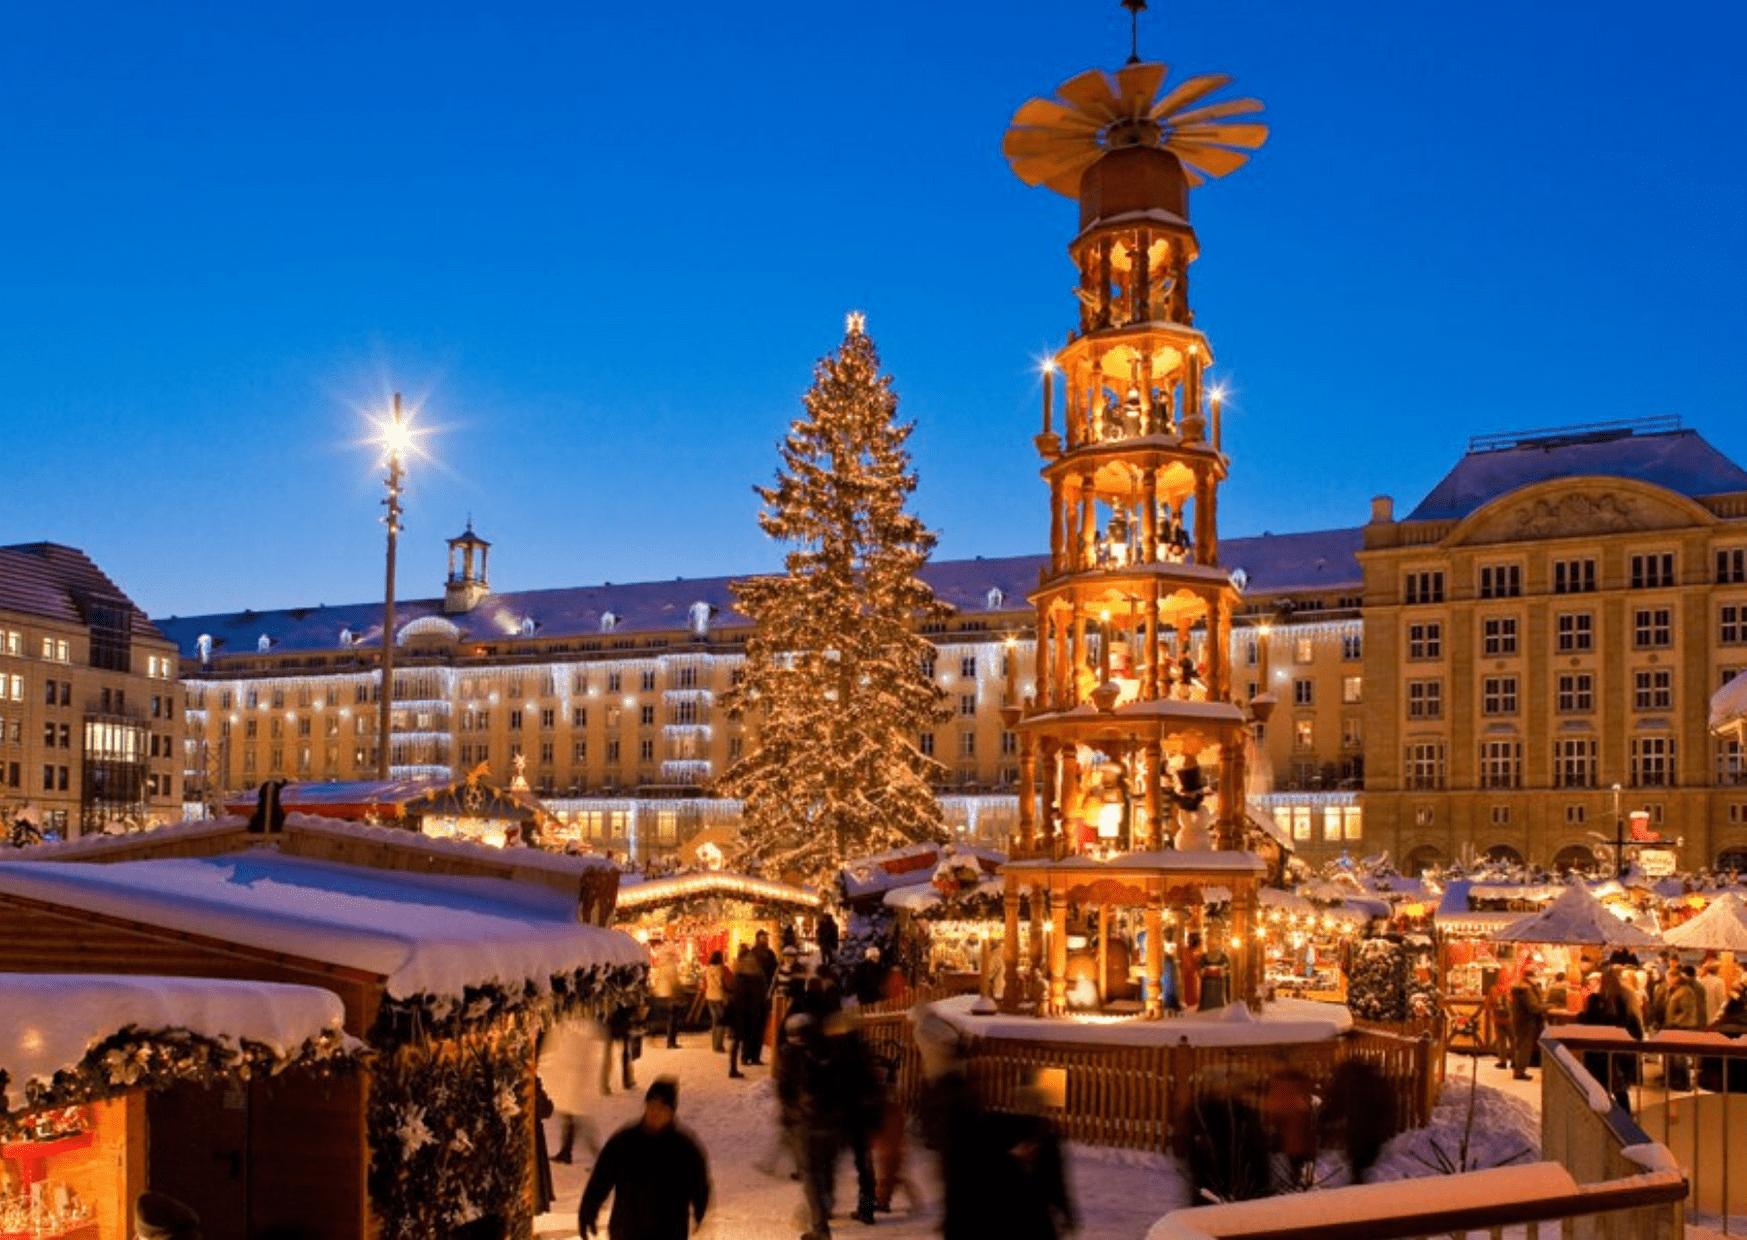 The Striezelmarkt in Dresden, one of the oldest and best German Christmas markets. Photo LHD/Sylvio Dittrich via striezelmarkt.dresden.de